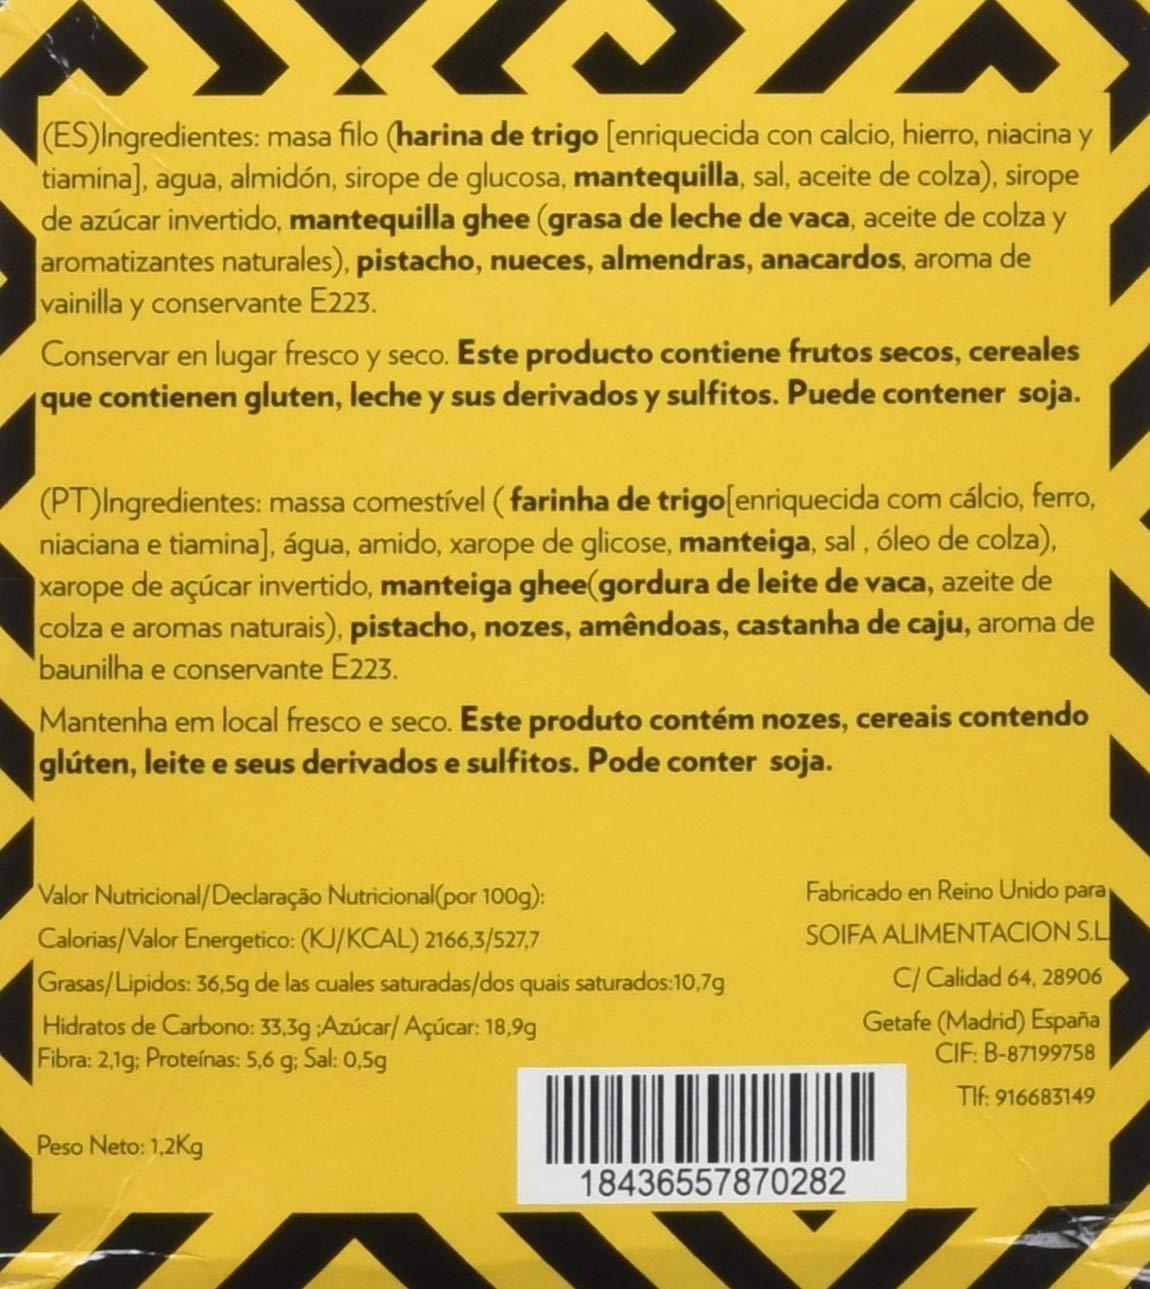 Taste Shukran, Baklawa Snack Surtido de dulce - 20 Snack (c/u 3 pasteles) de 60 Gr - Total 1200 gr: Amazon.es: Alimentación y bebidas